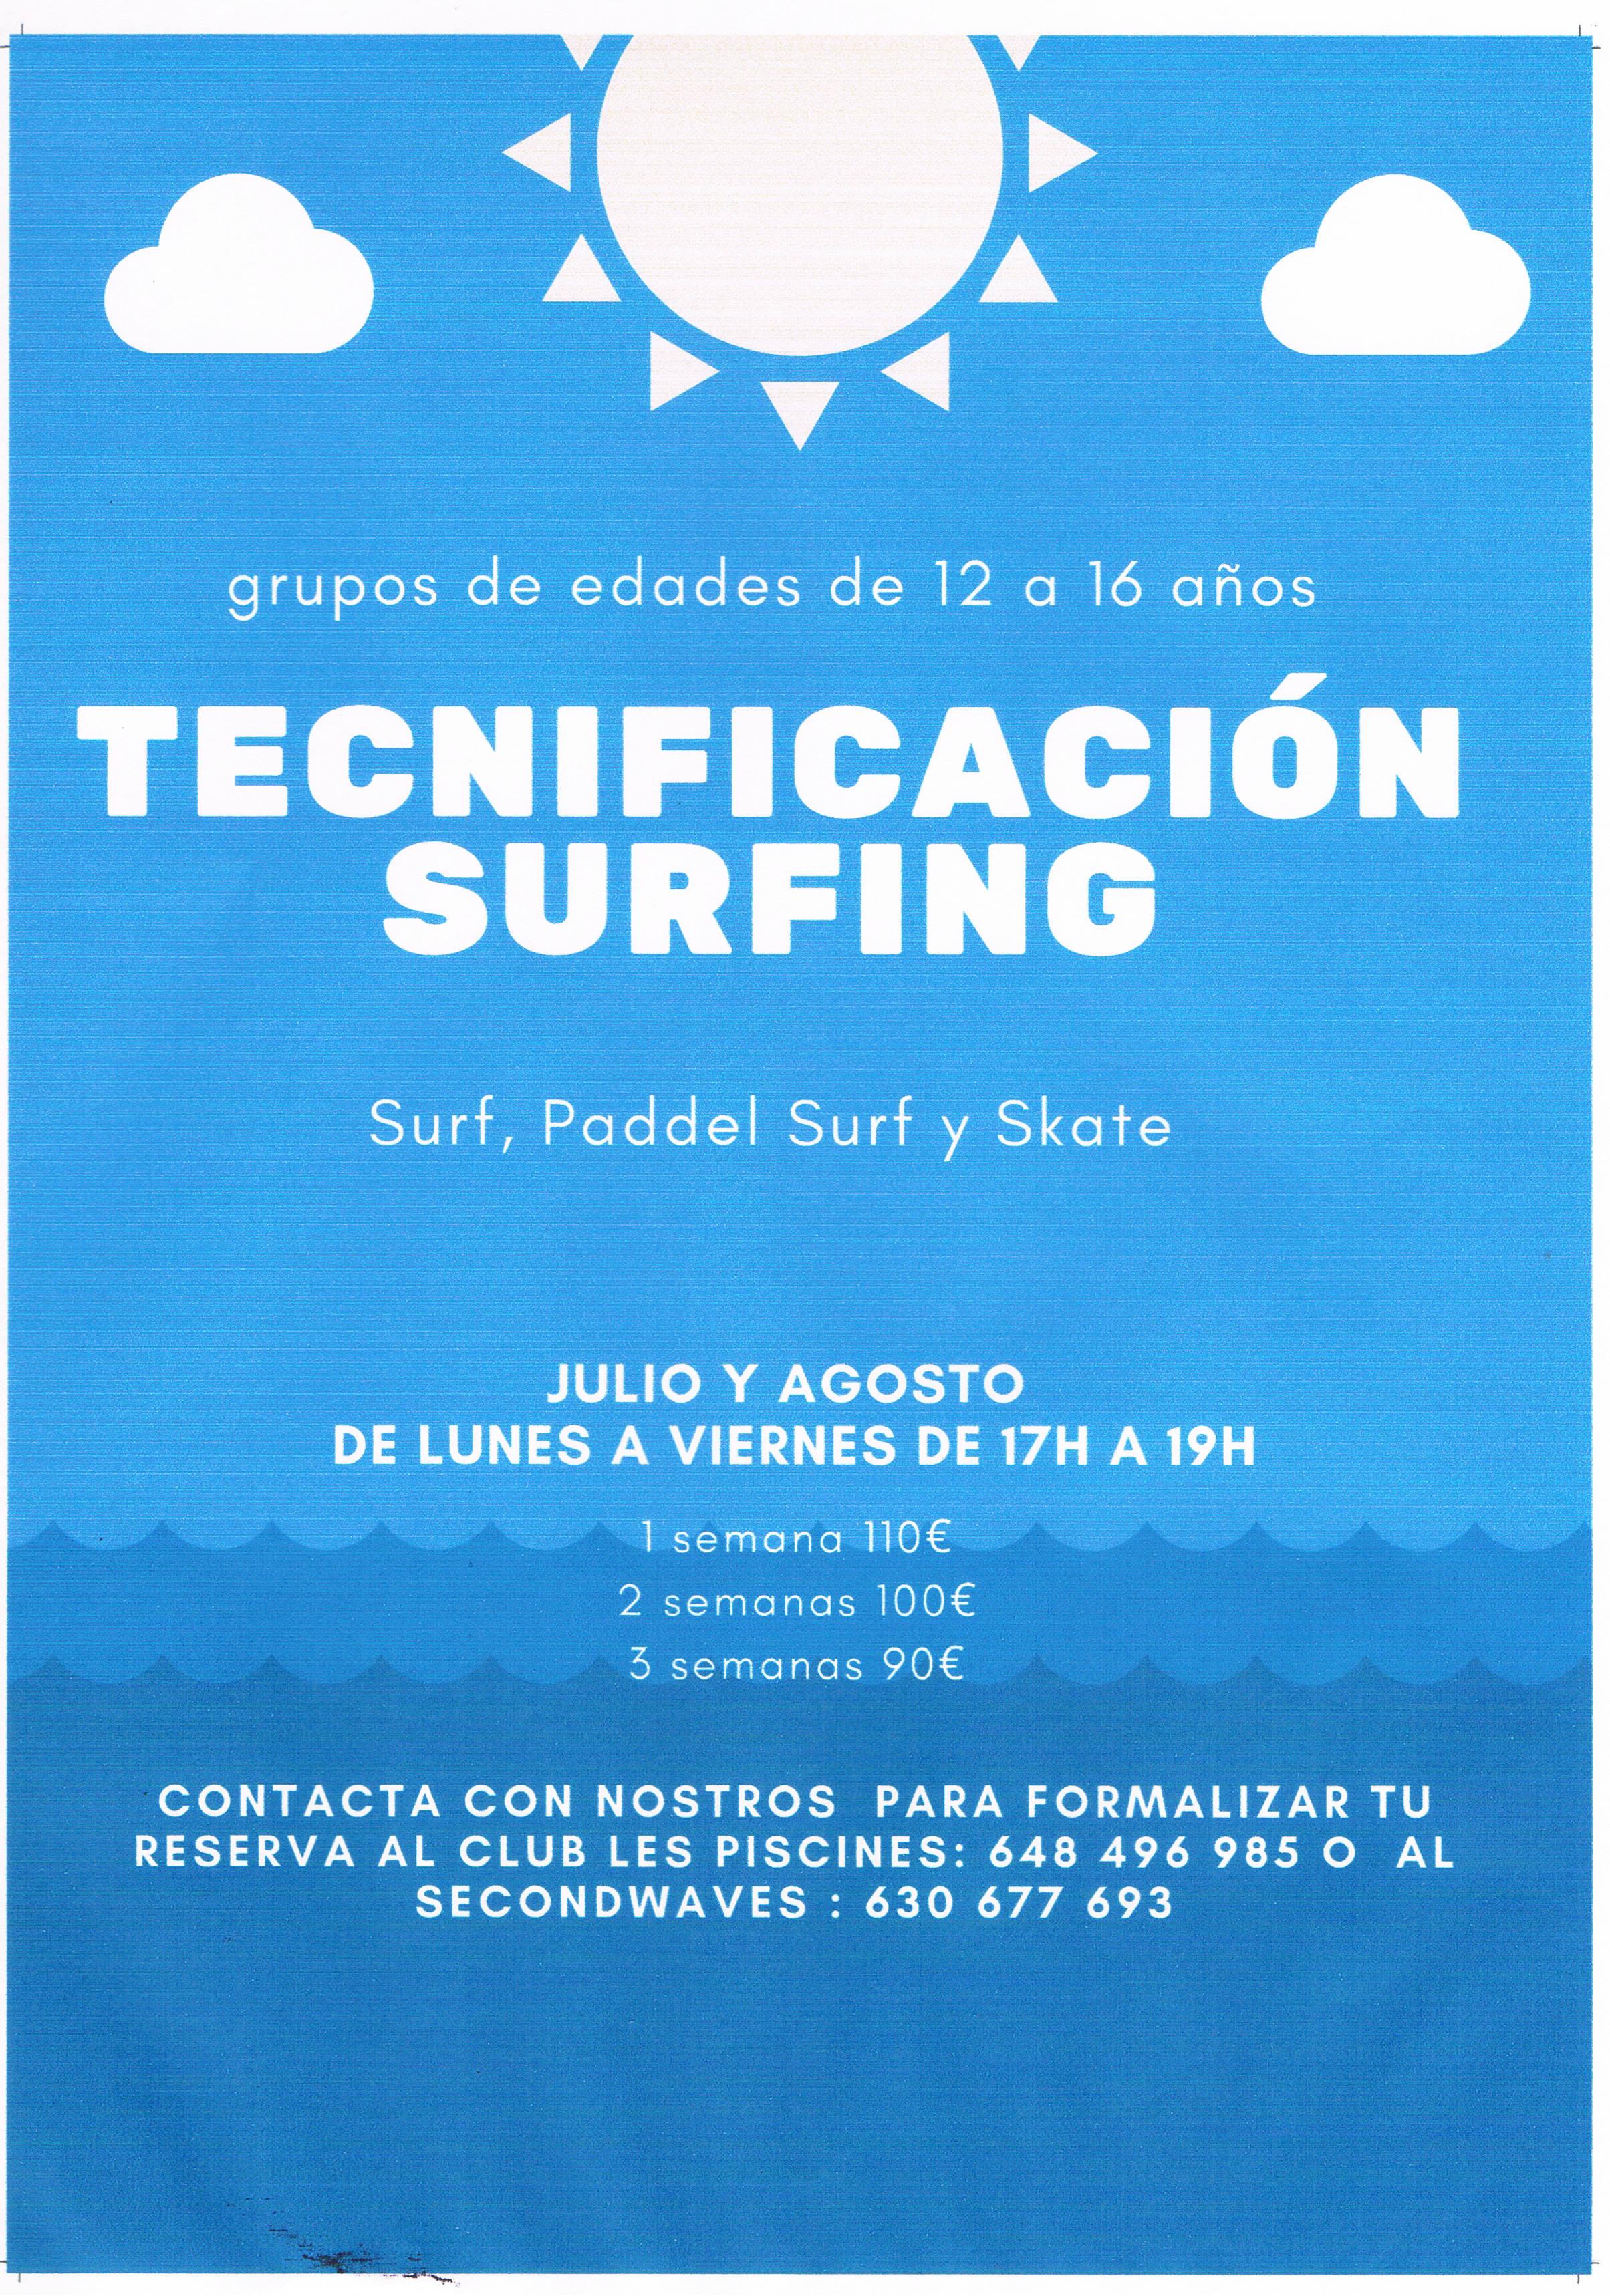 TECNIFICACIÓN SURFING